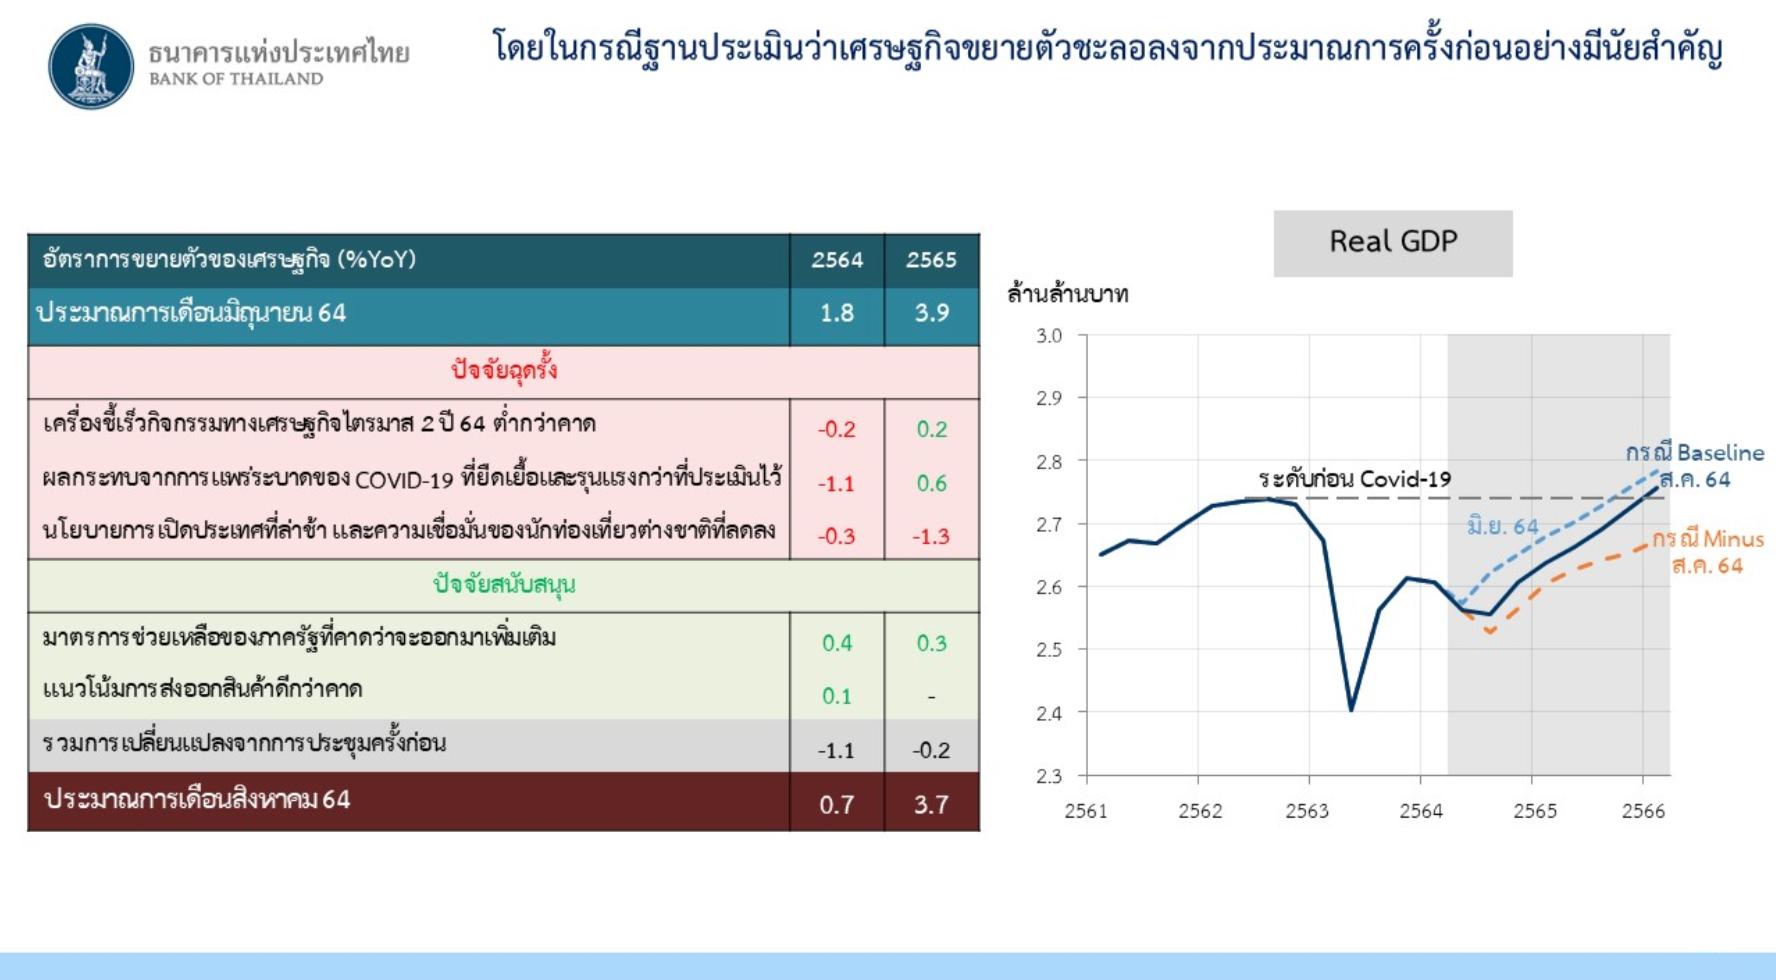 มีโอกาสไหม ที่ประเทศไทยจะ GDP ติดลบ 2 ปีติดกัน